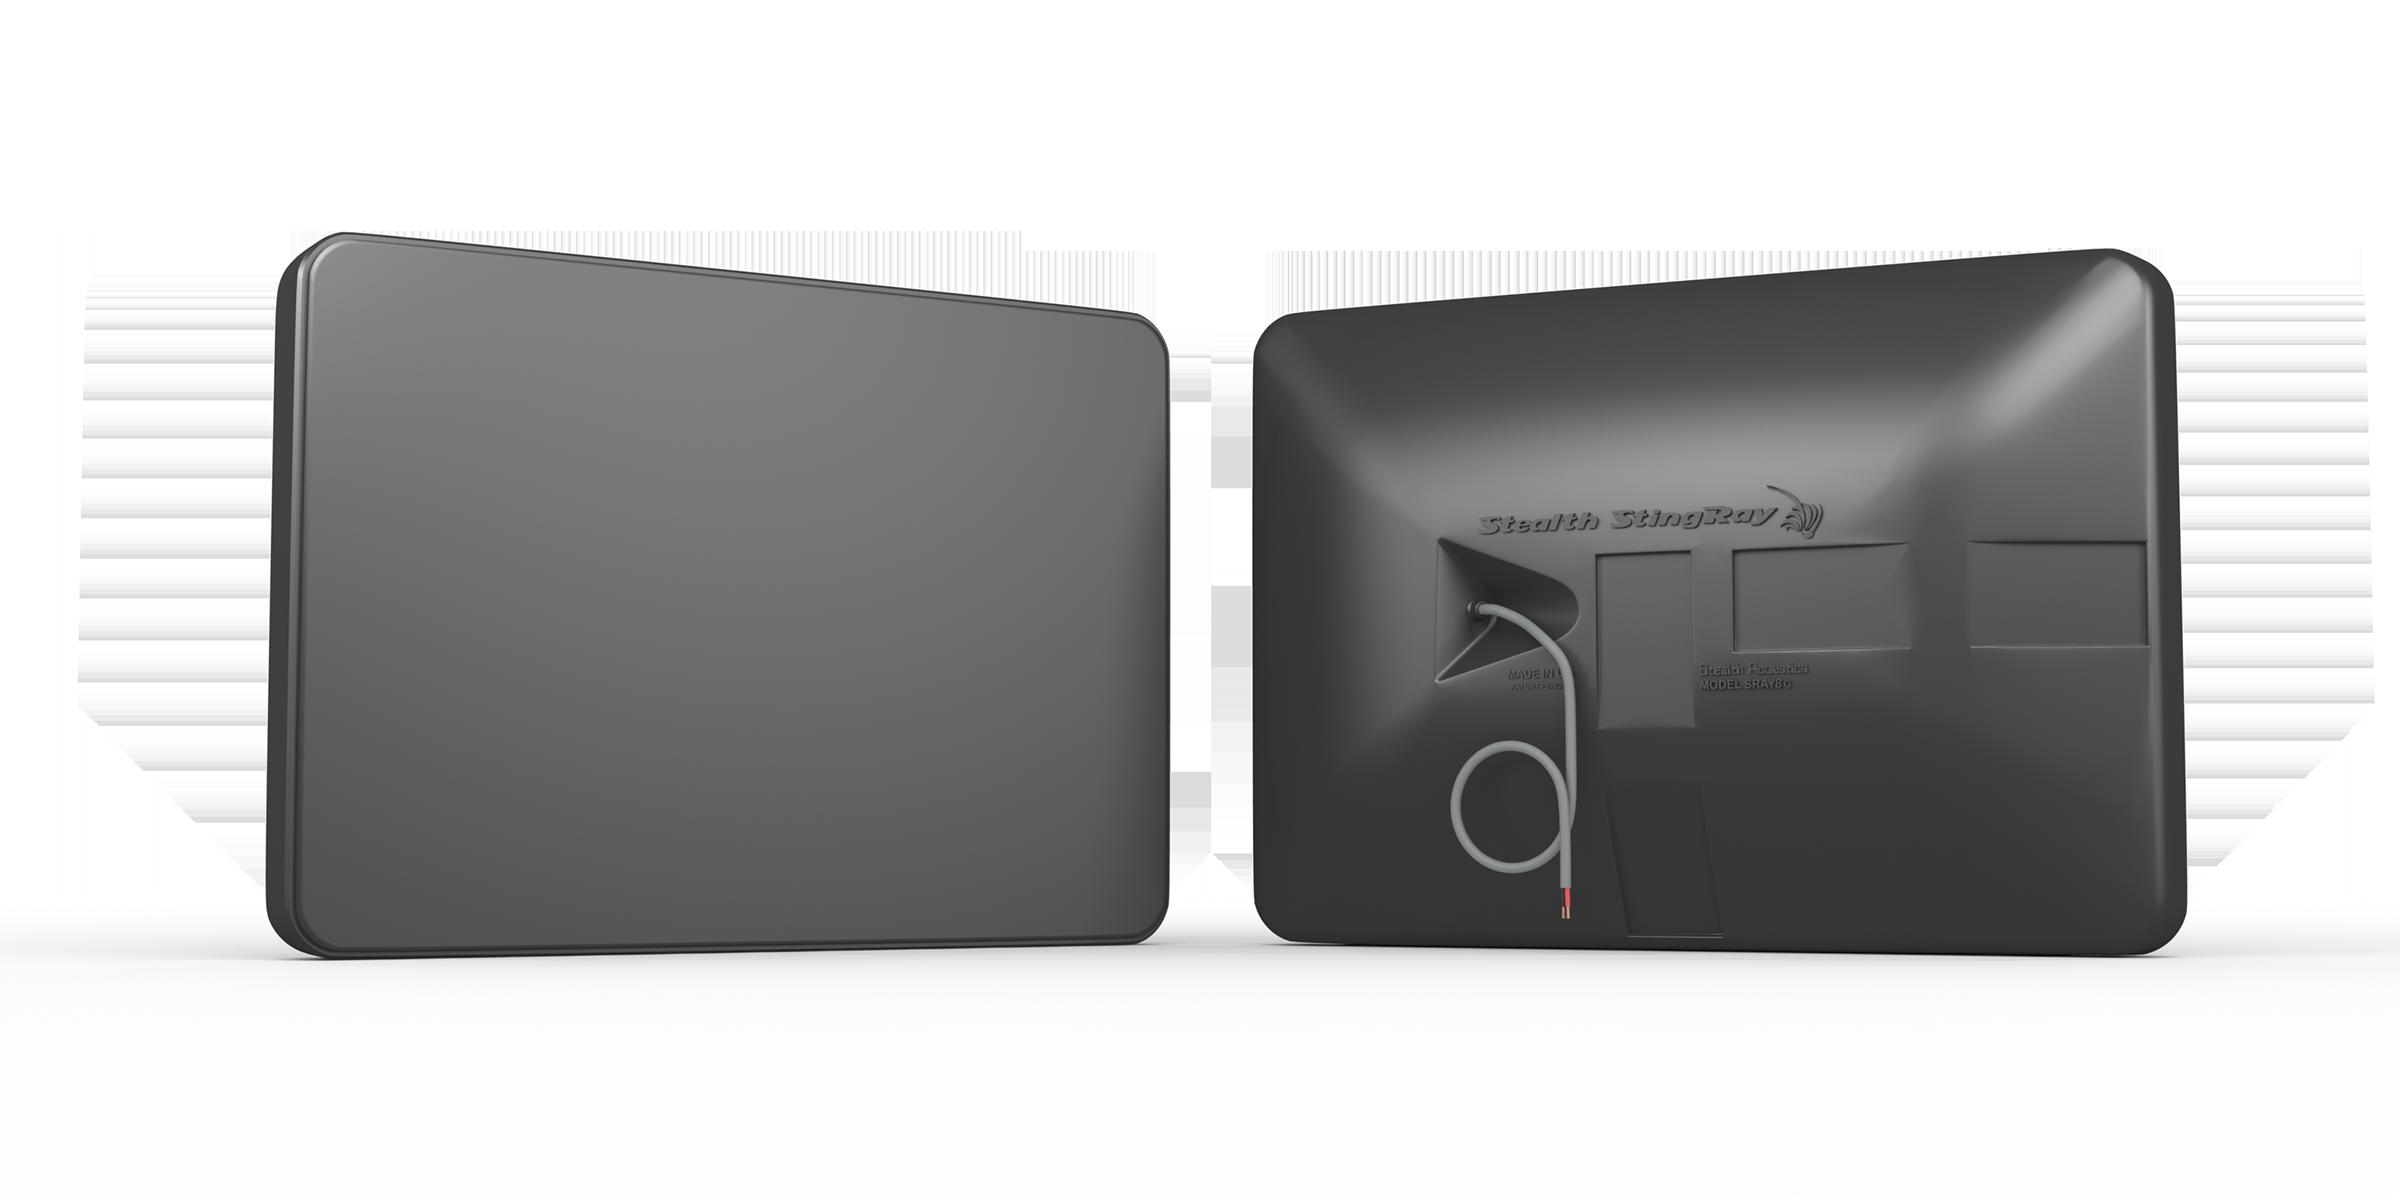 Stealth Acoustics StingRay 8 głośnik zewnętrzny wodo i mrozo oporny Polska Gwarancja